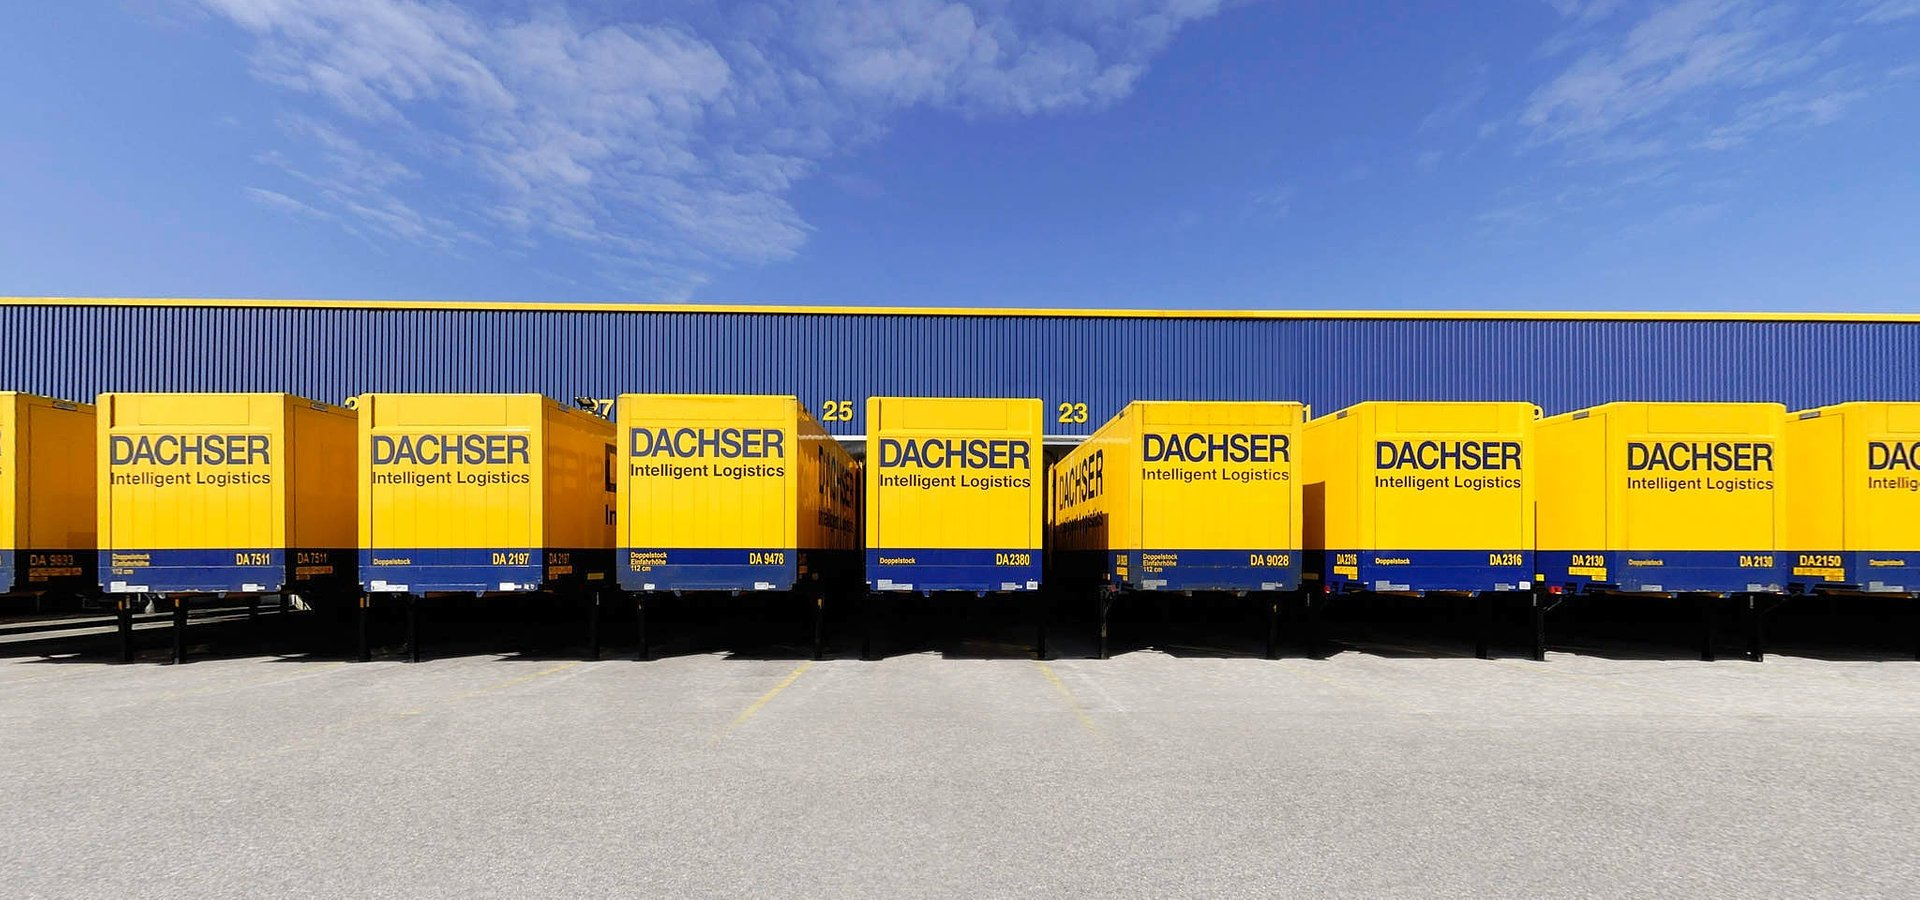 Śląsk wśród najbardziej pożądanych lokalizacji logistycznych w Europie